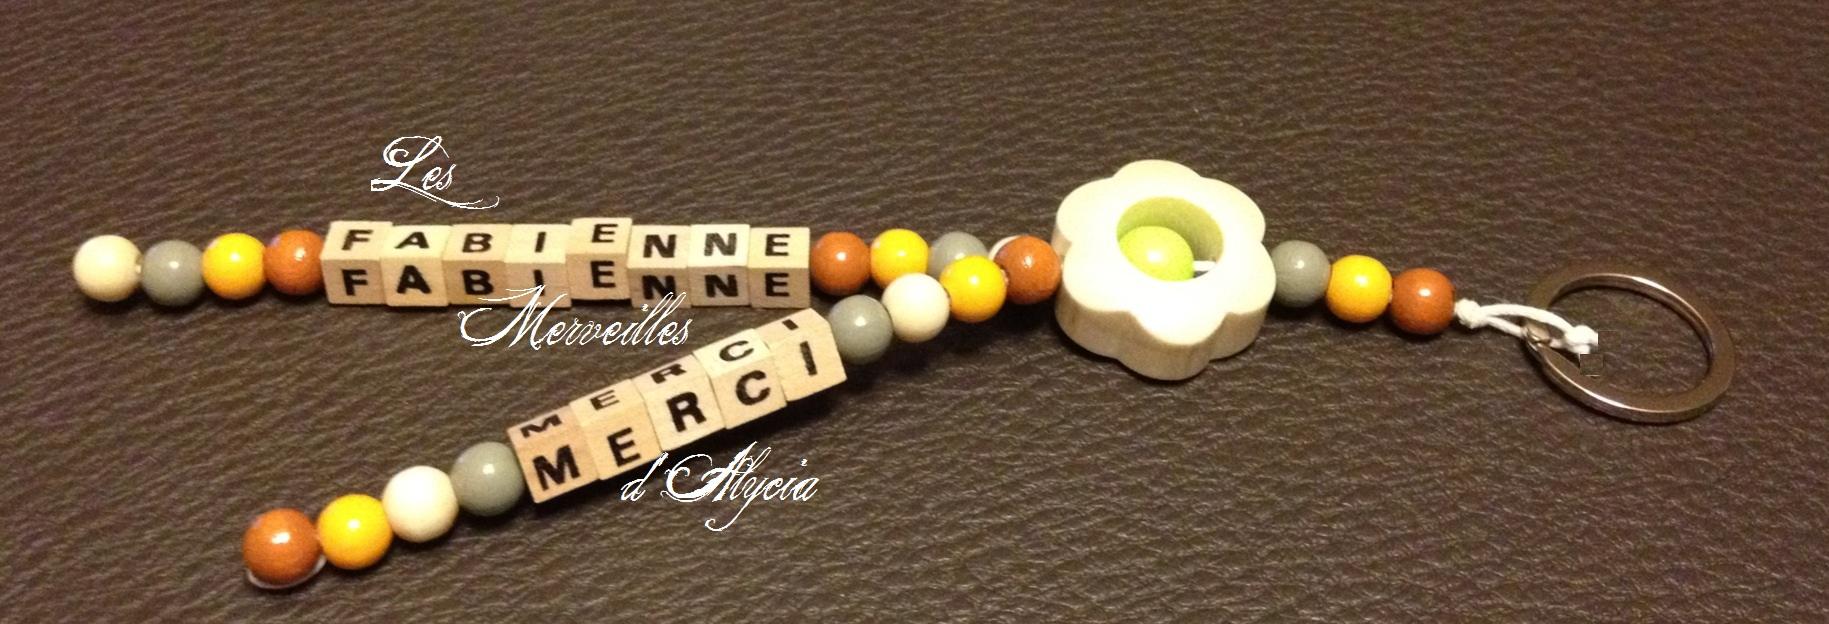 Cadeau original remerciement pour la ma tresse d 39 cole les merveilles d 39 alycia danymoi - Idees cadeaux maitresse d ecole ...